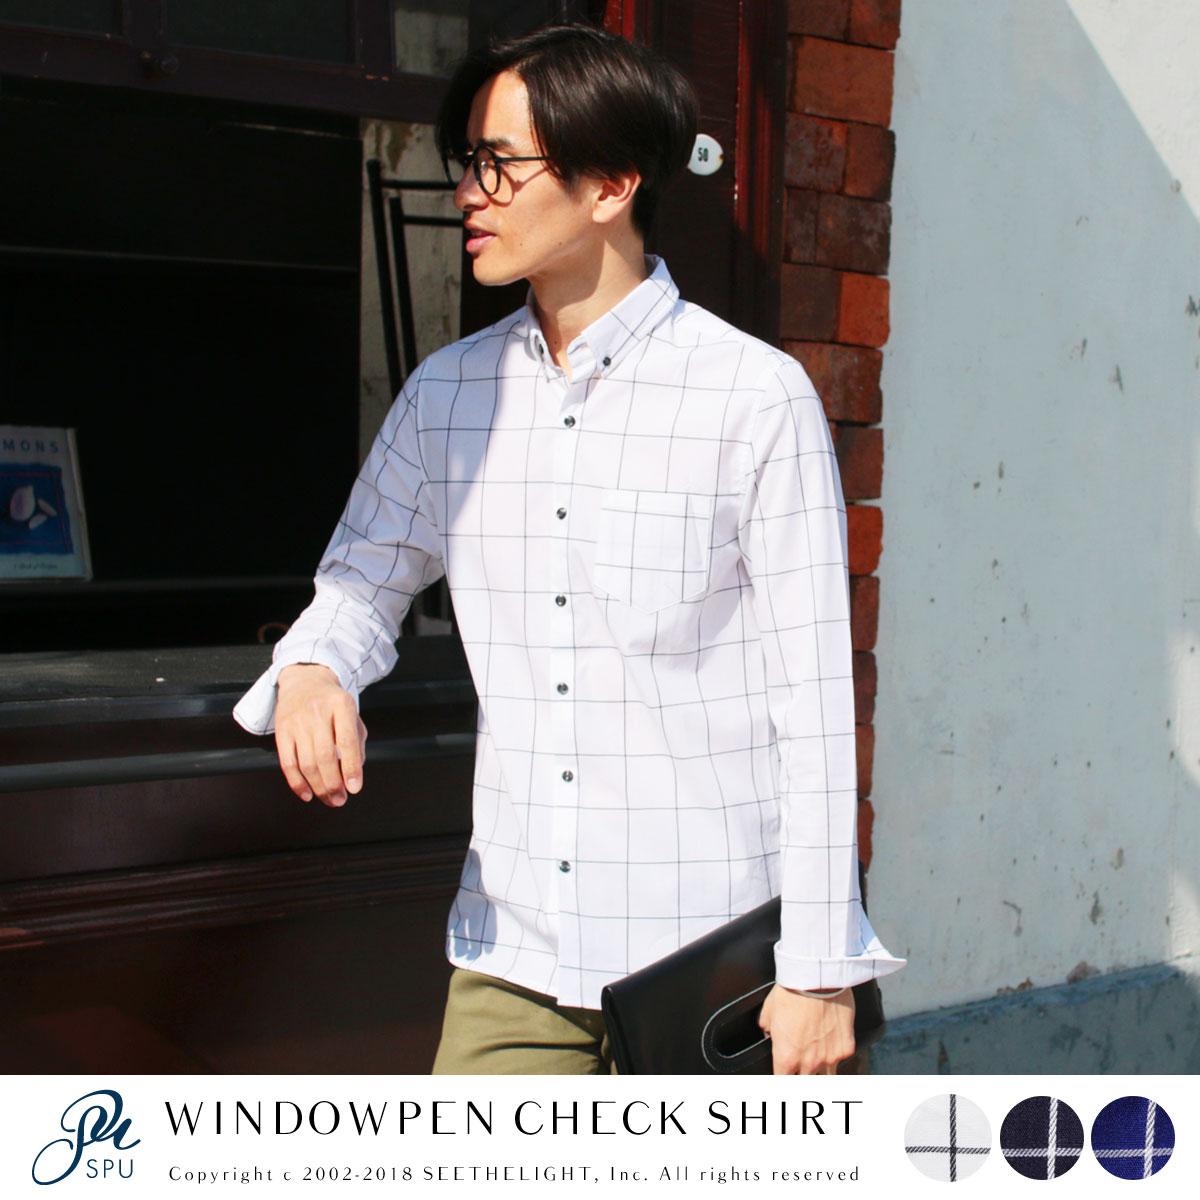 シャツ メンズ 長袖 春 新作 オリジナルシャツ ウインドペン ブロード生地 長袖 シャツSPU スプ